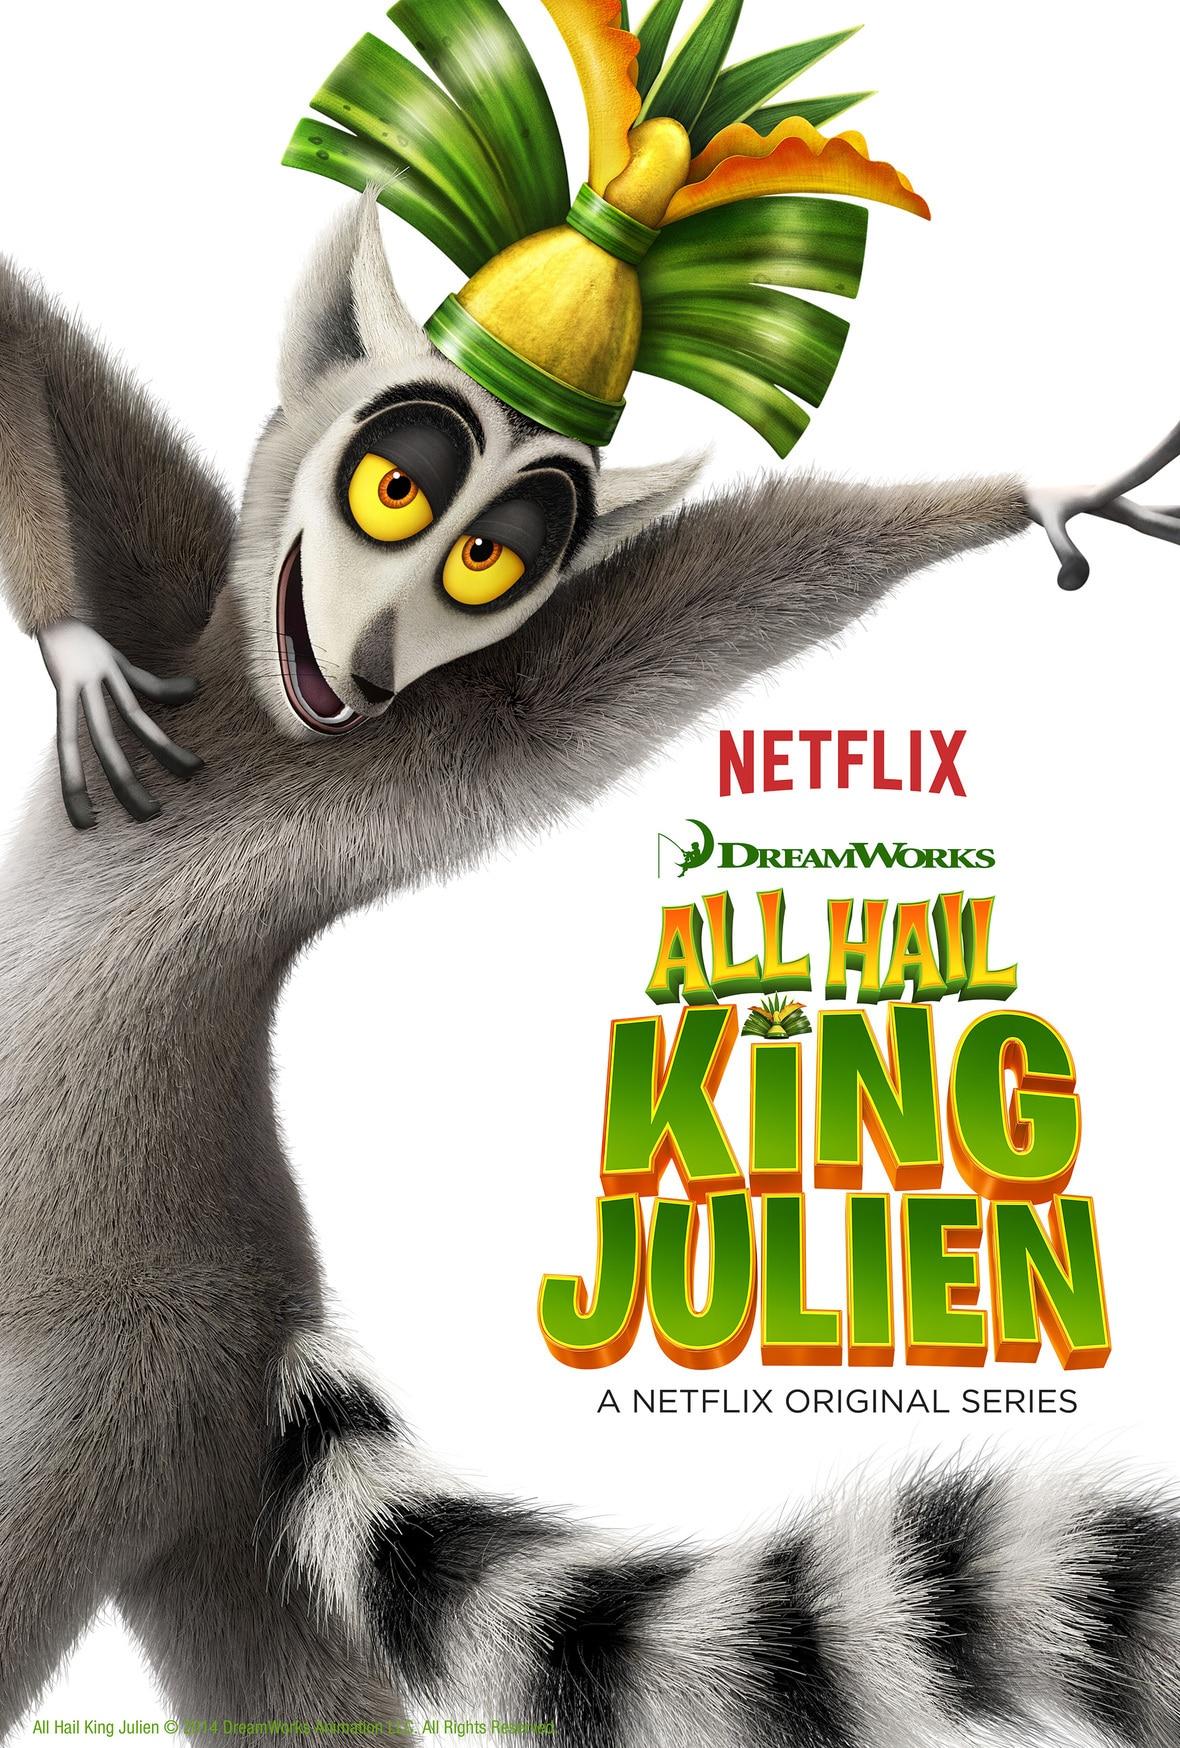 King Julien Netflix Original series